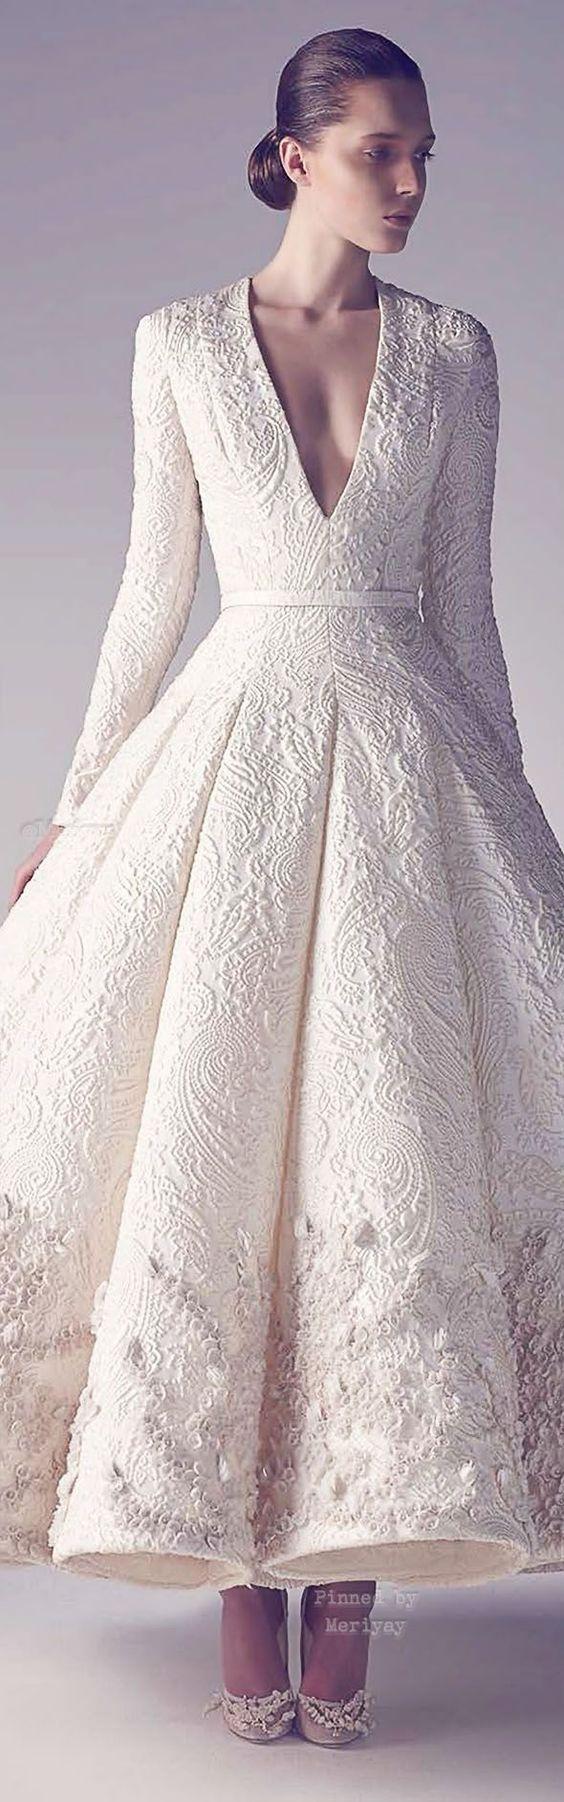 photo tenue mariée pas cher 116 et plus encore sur www.robe2mariage.eu